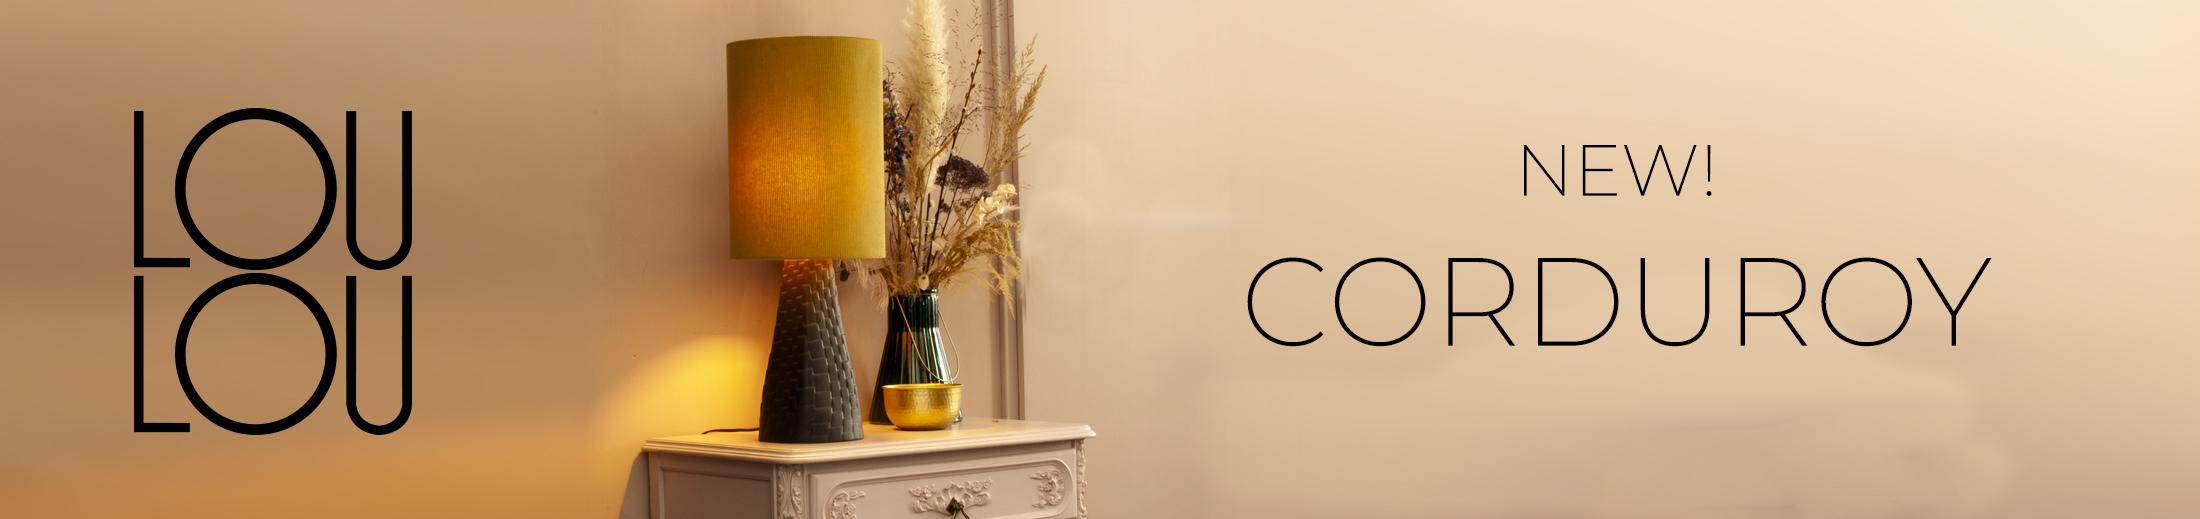 NEW! Corduroy